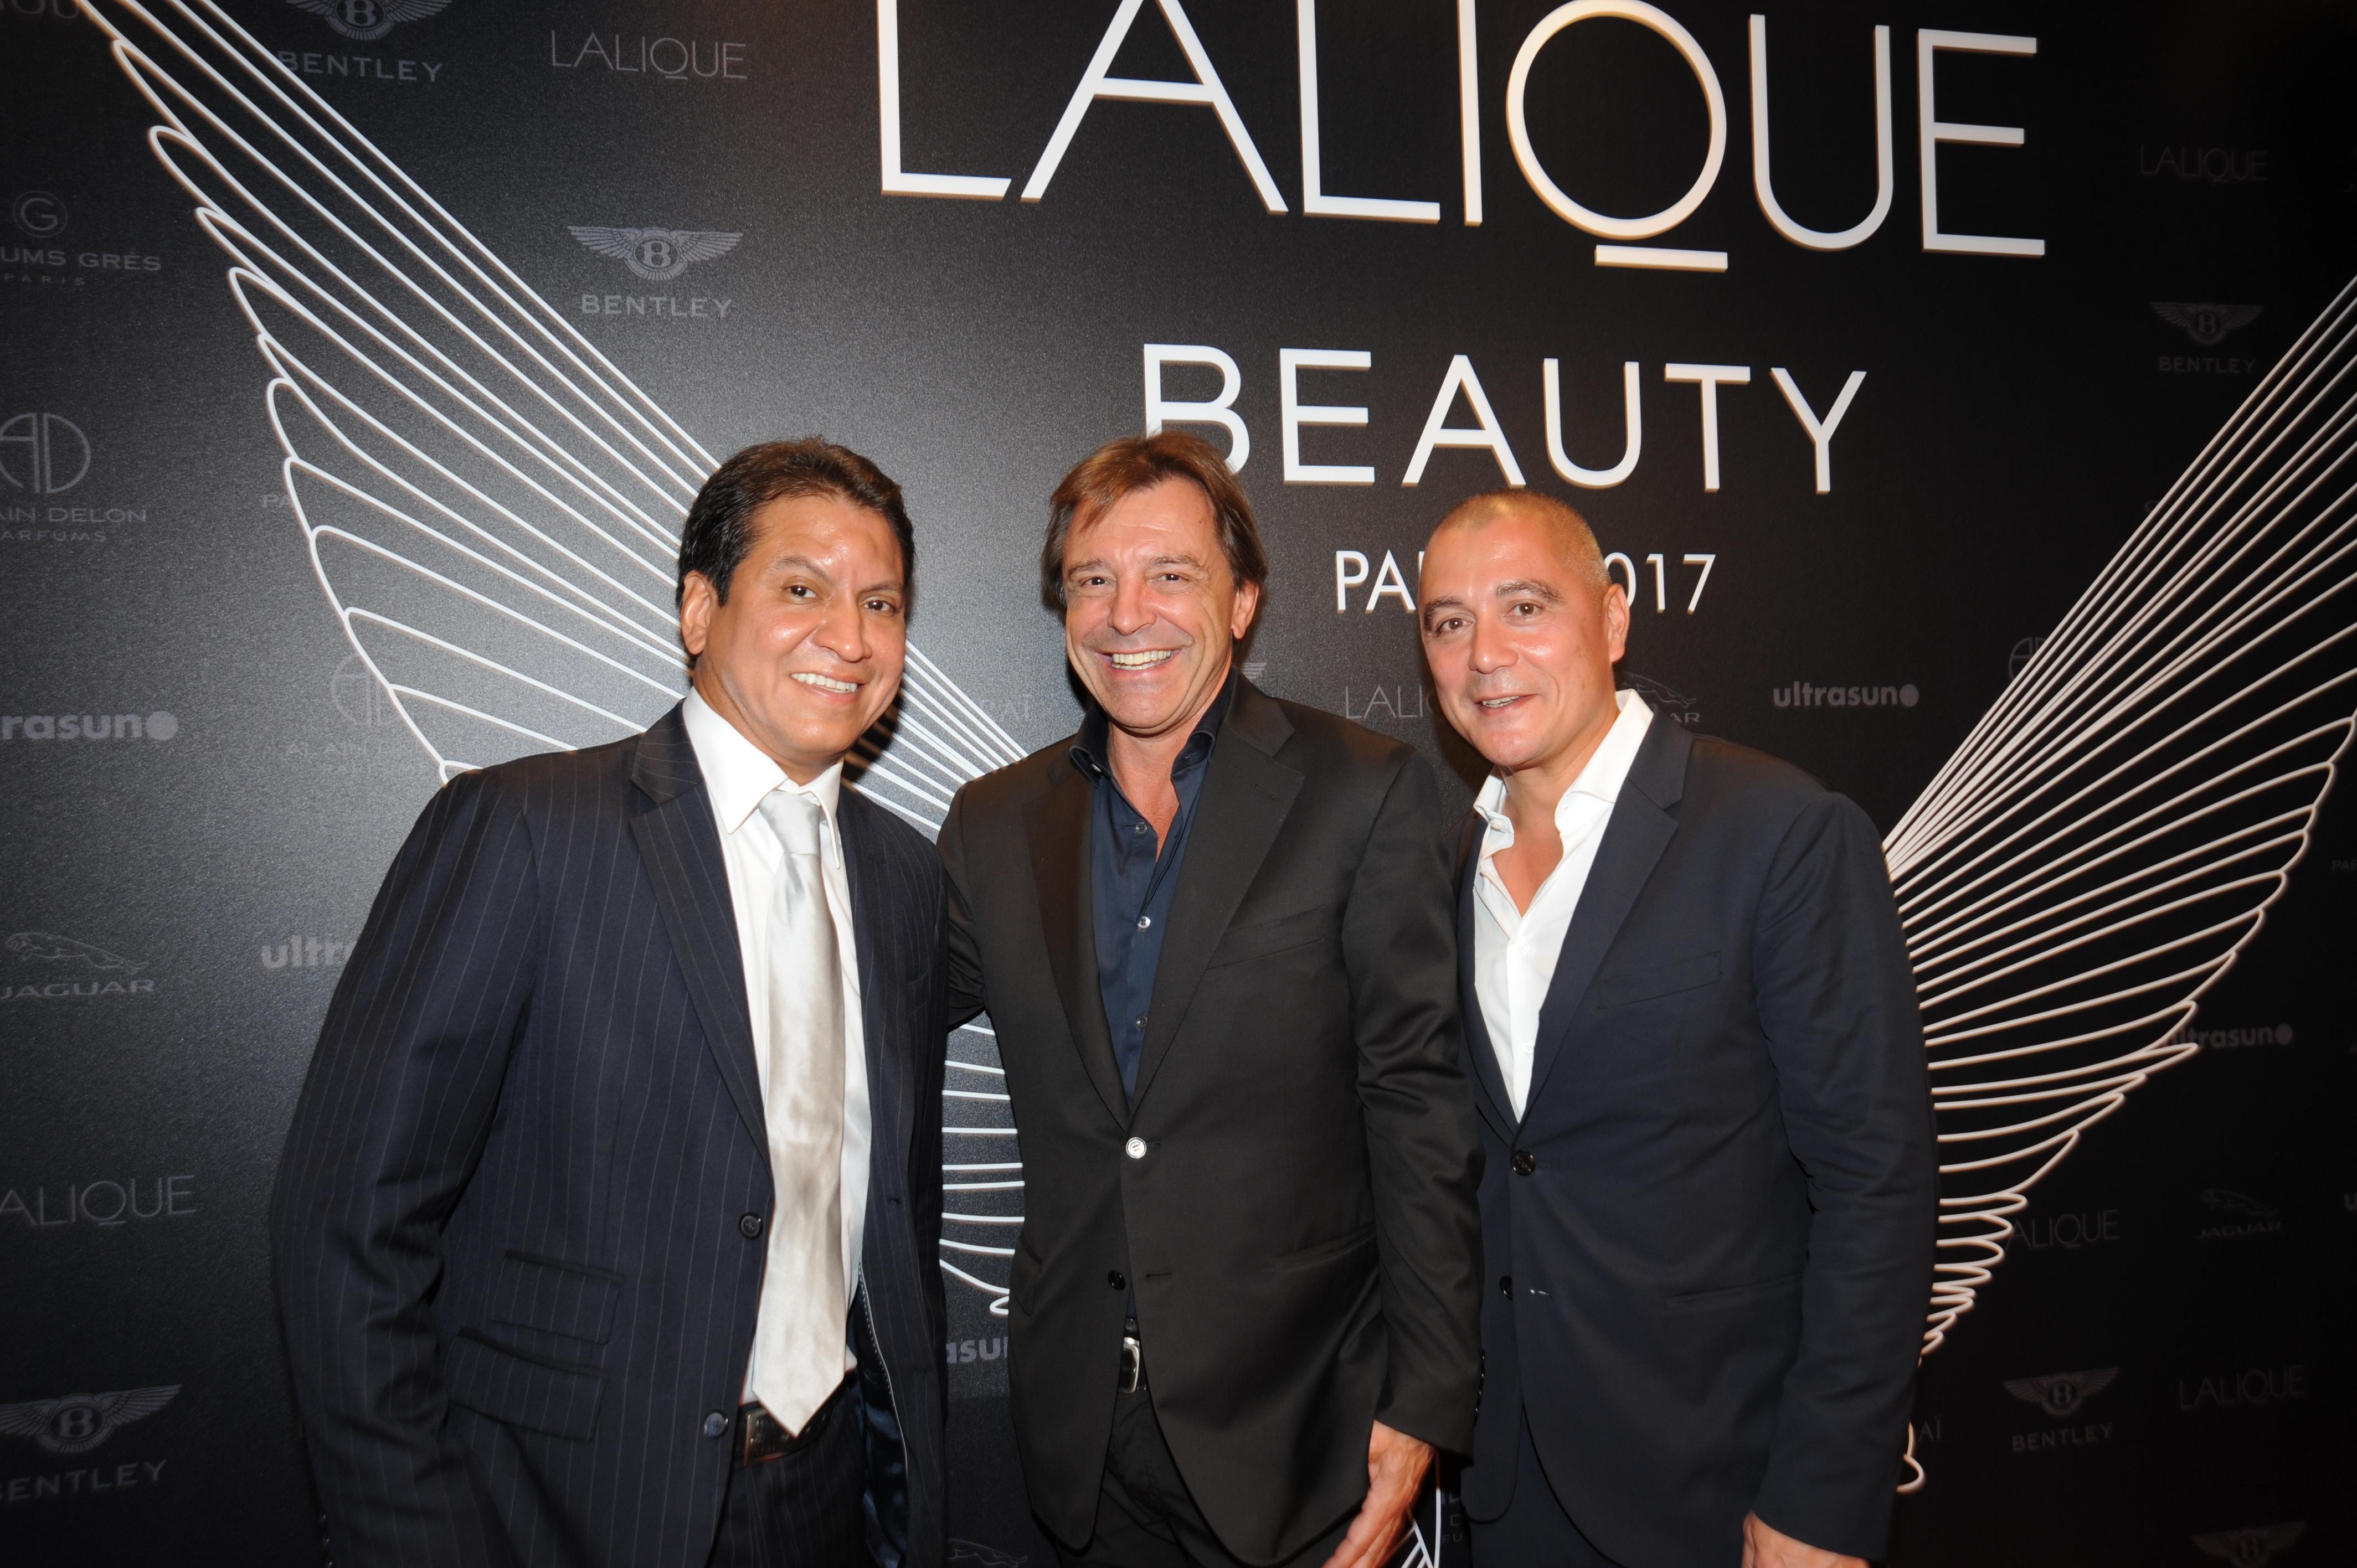 Lalique Group's David Rios, Silvio Denz and Roger von der Weid